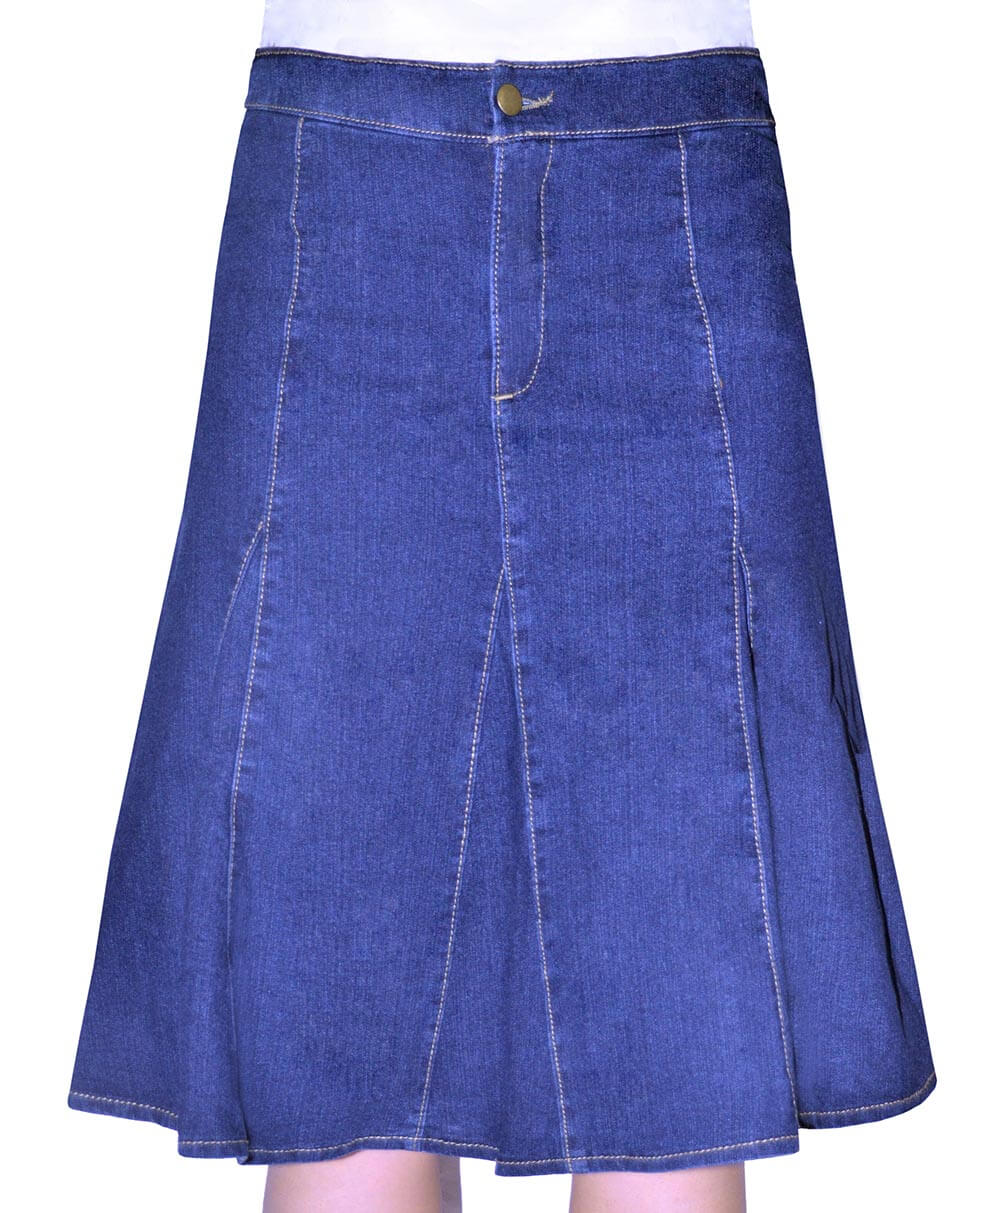 s denim skirt modest denim skirts kosher casual